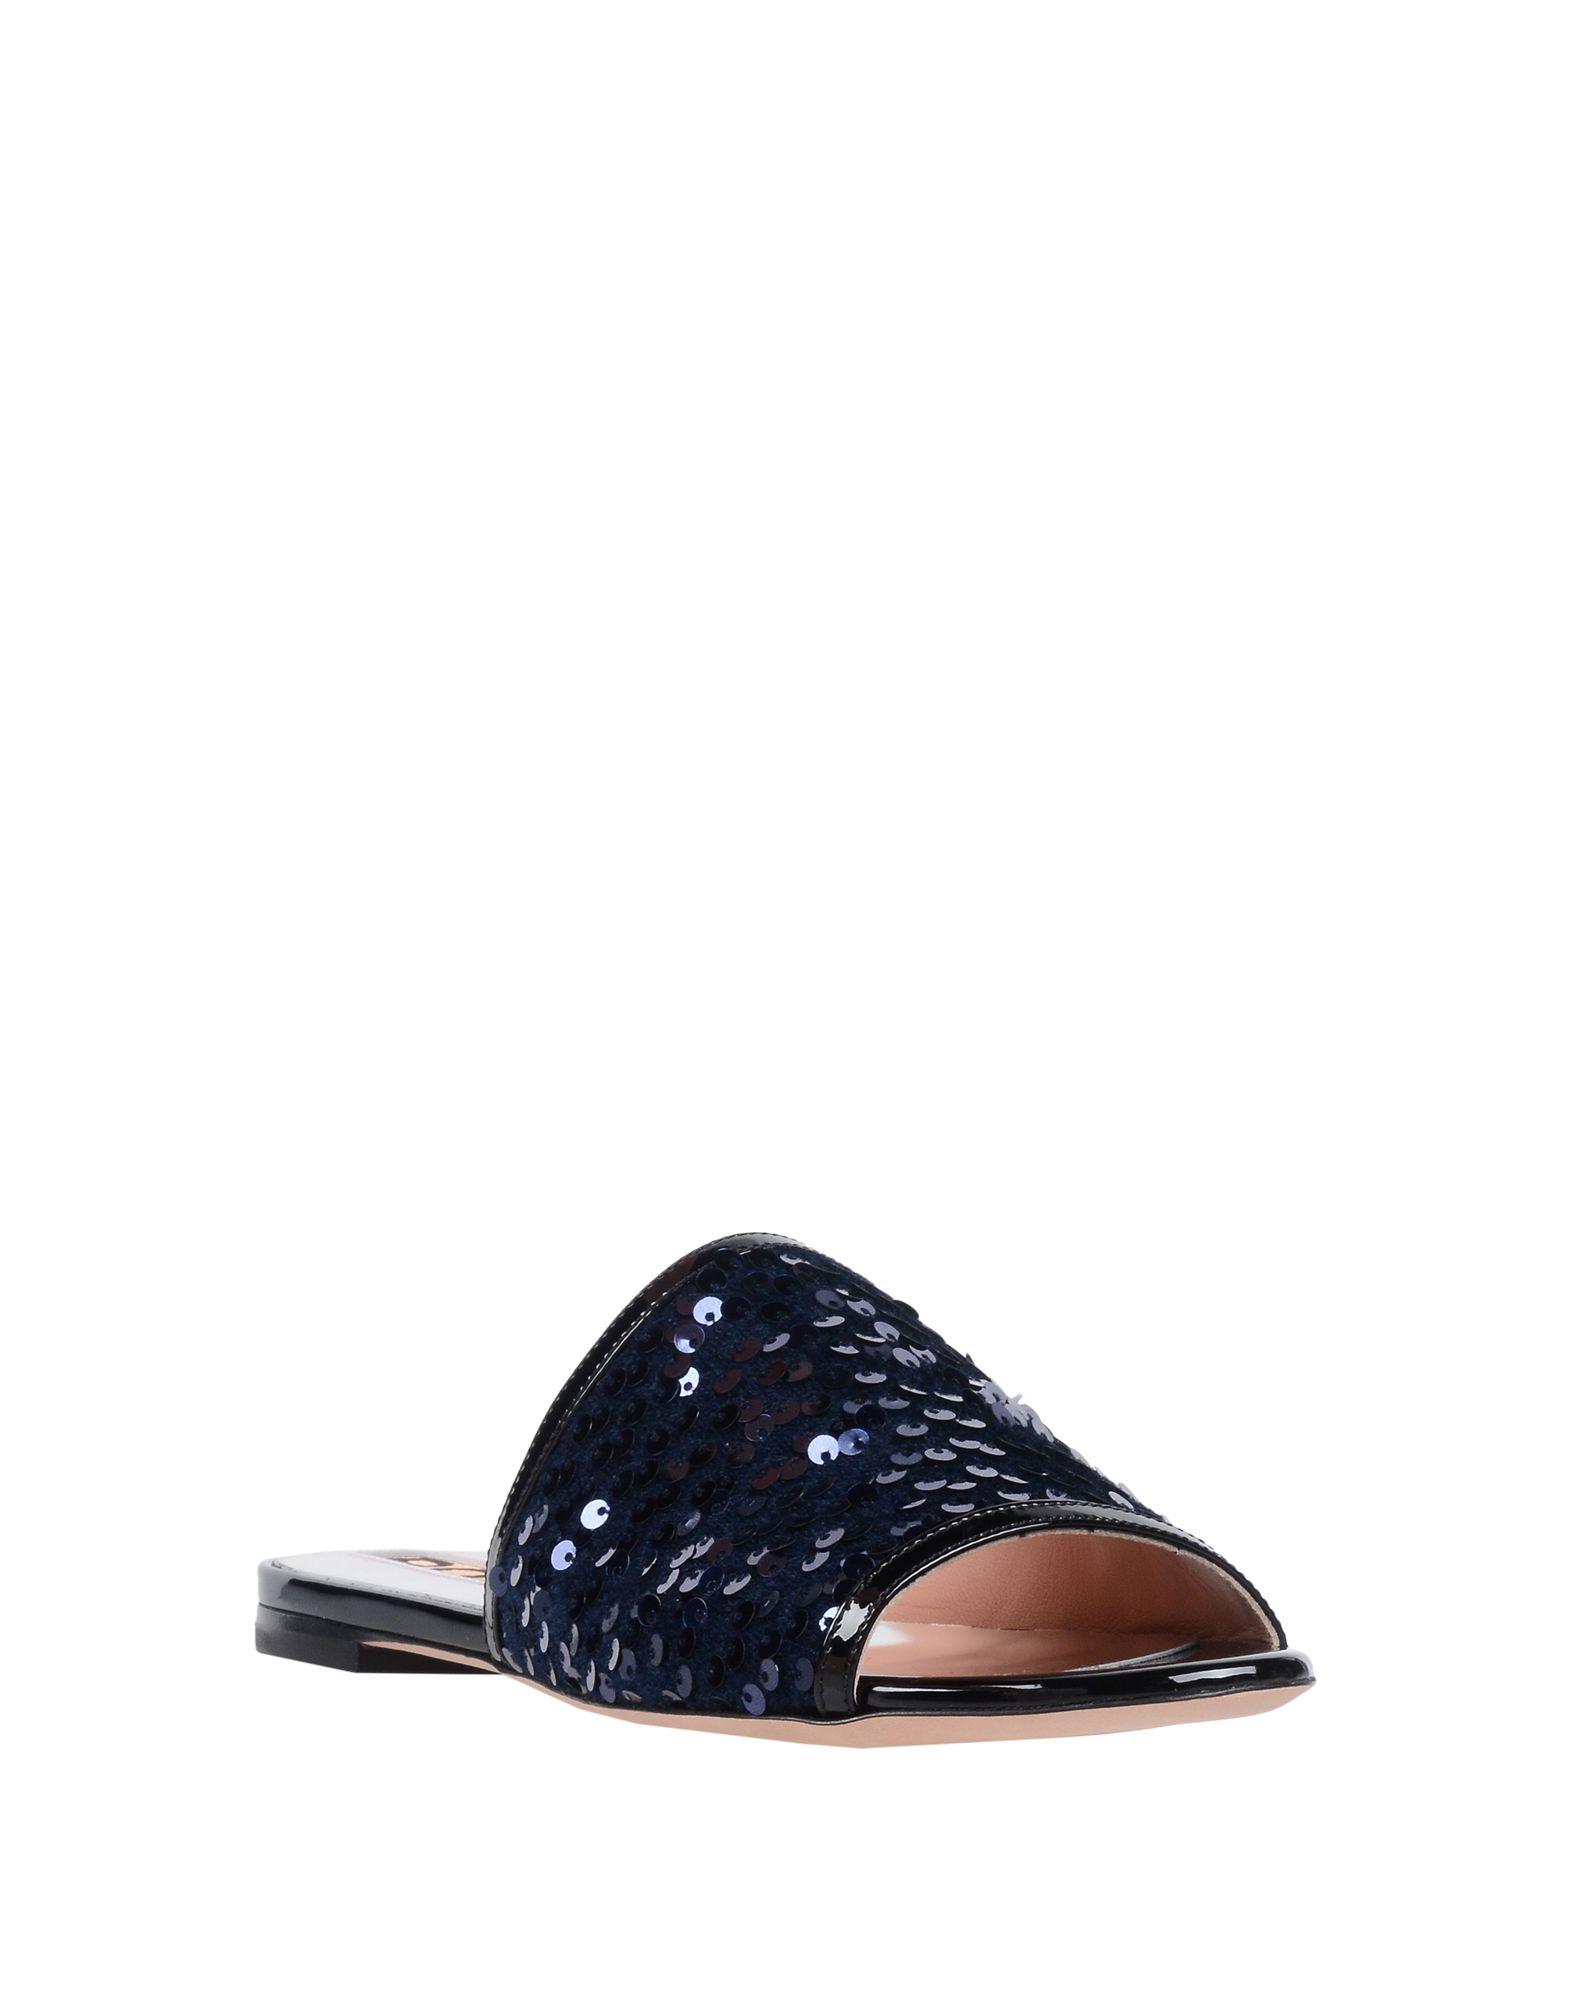 Rochas Sandalen es Damen Gutes Preis-Leistungs-Verhältnis, es Sandalen lohnt sich b9115f